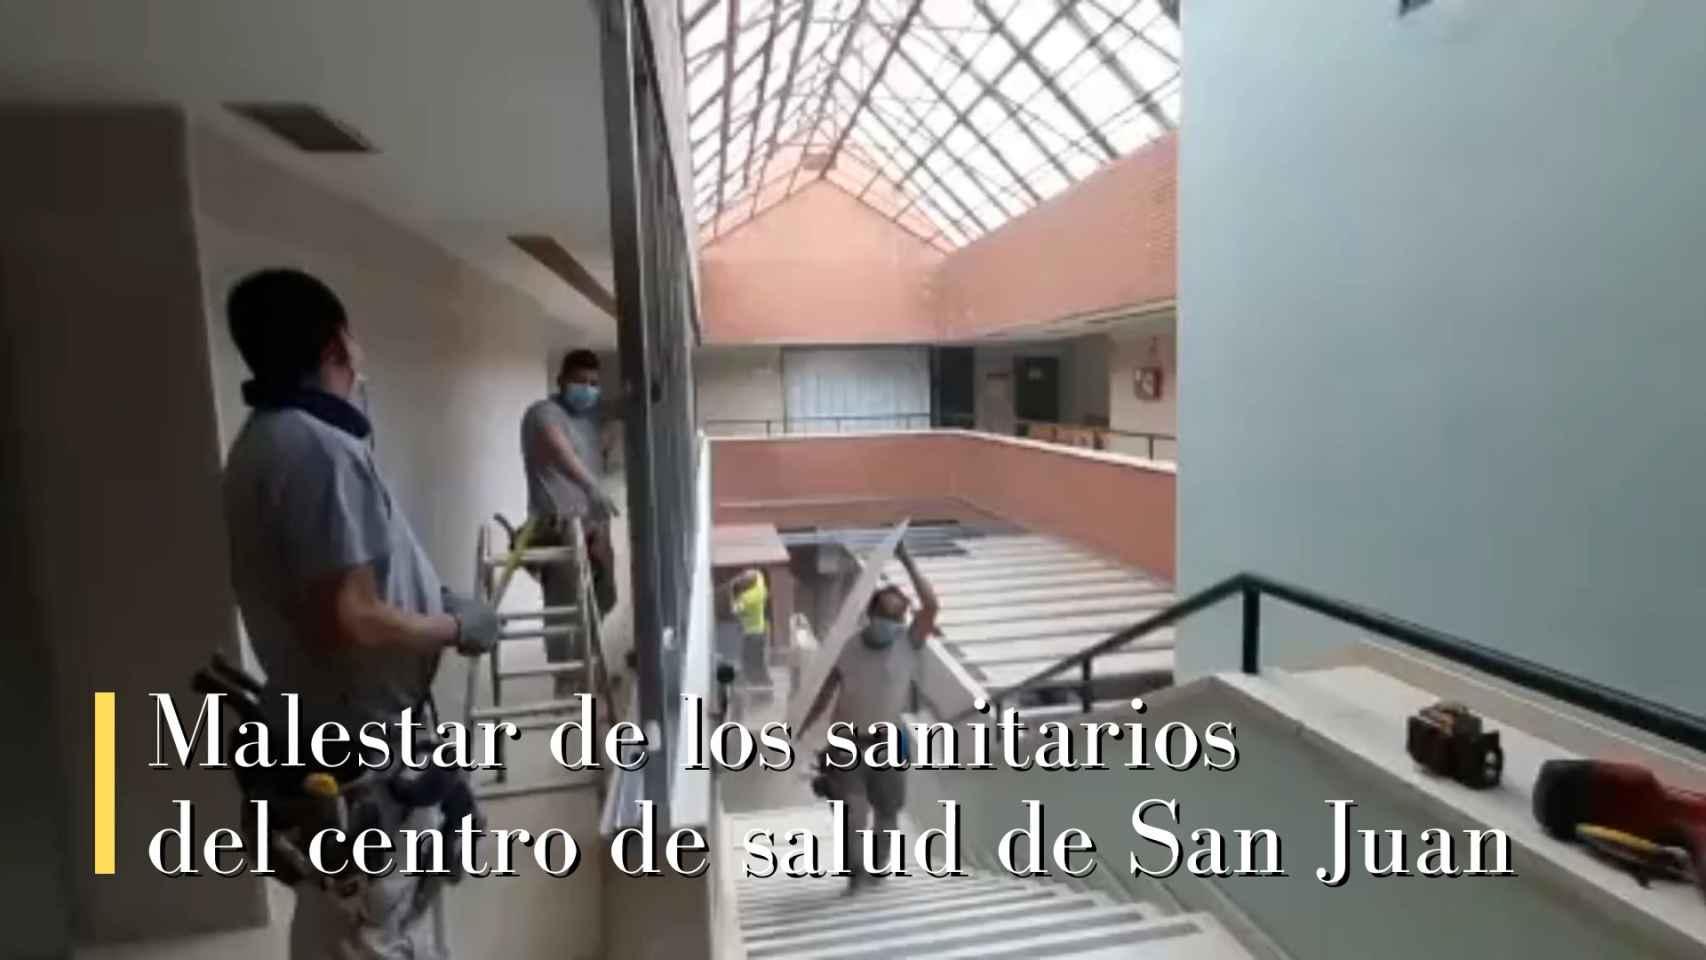 Malestar de los profesionales ante el caos generado por las obras de ampliación del centro de Salud.